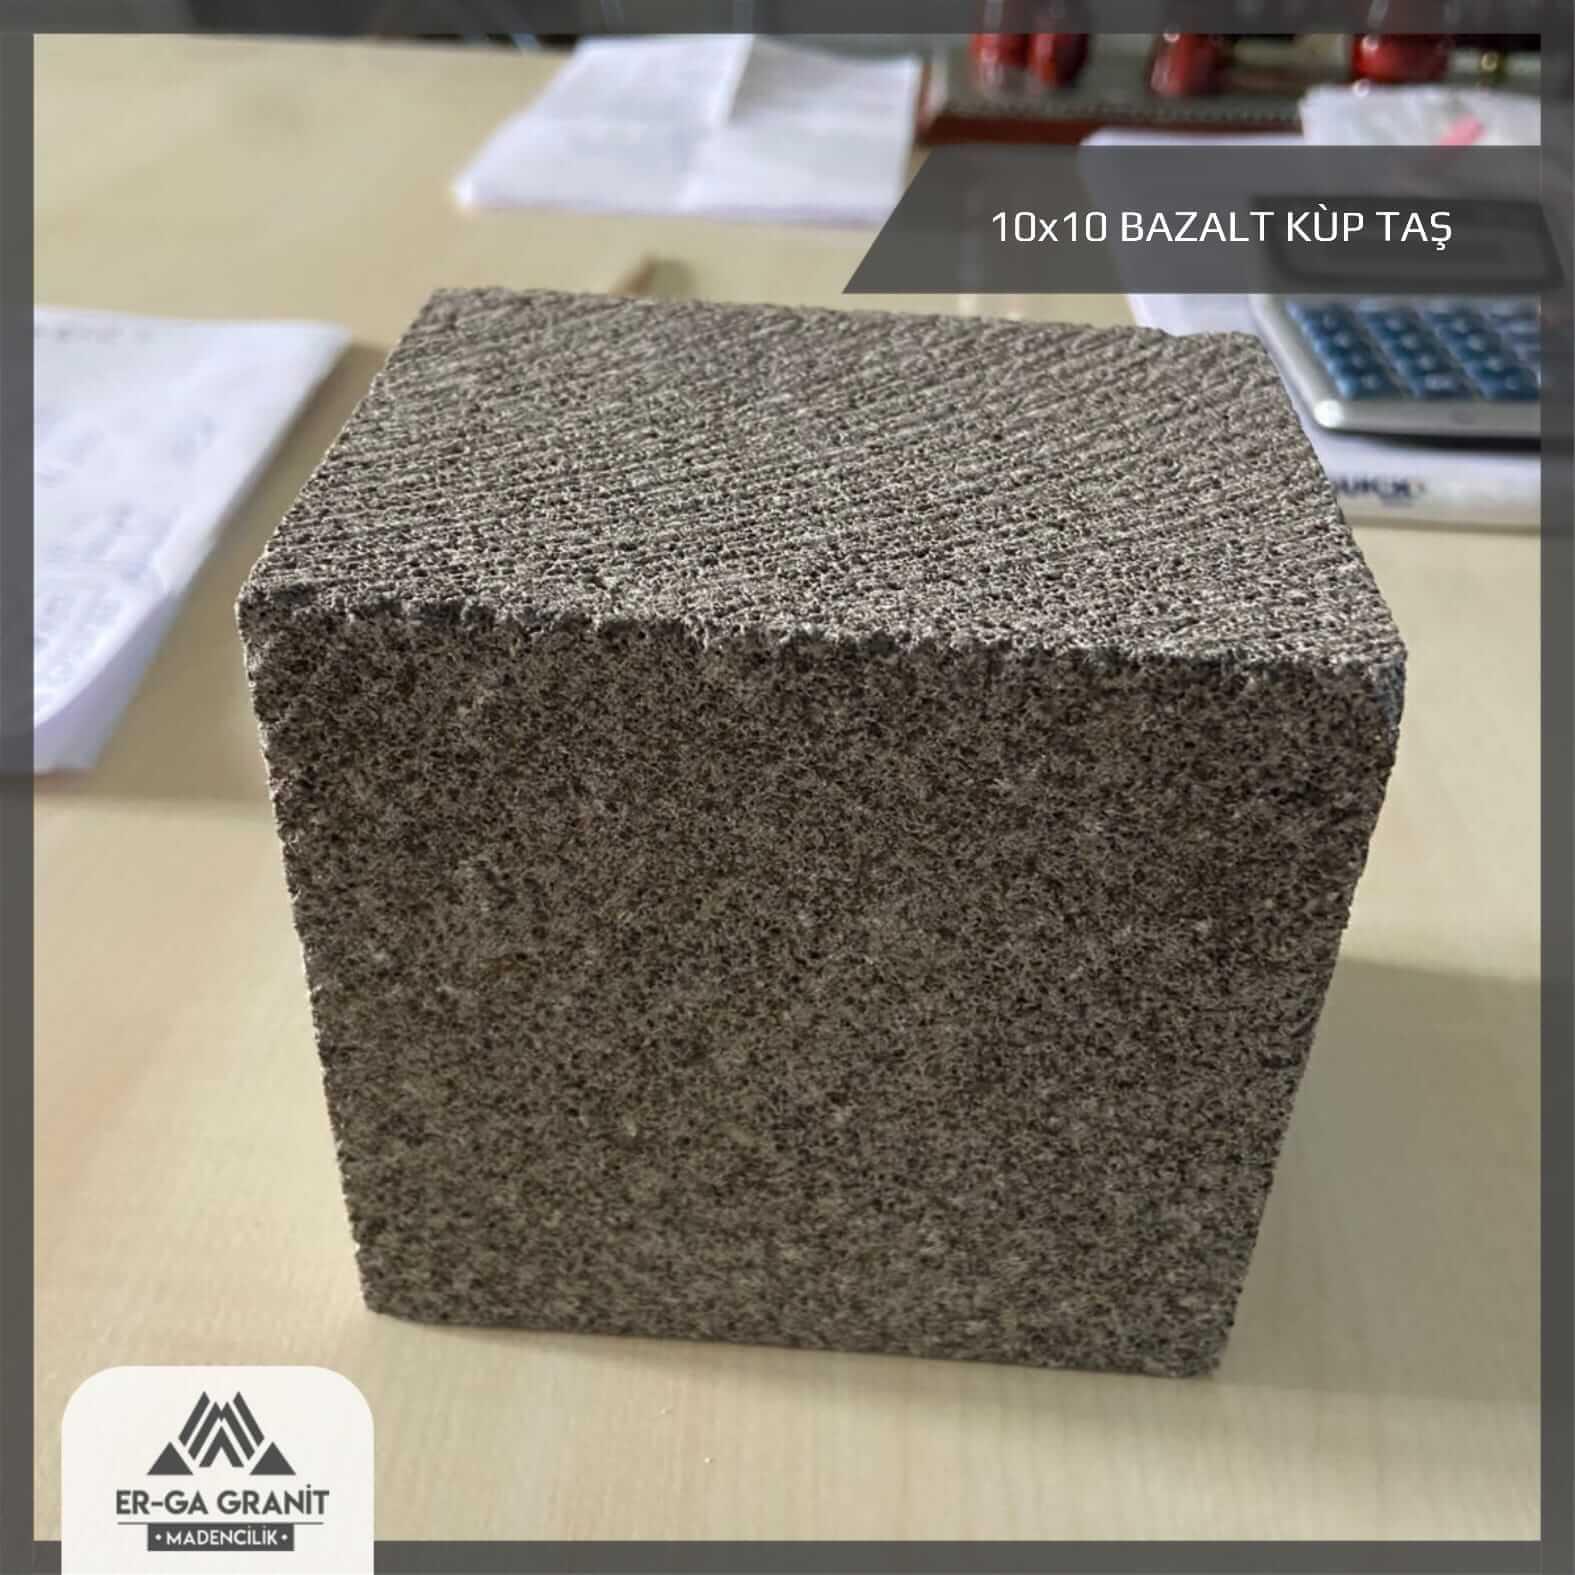 sulu kesim bazalt küp taş 10x10